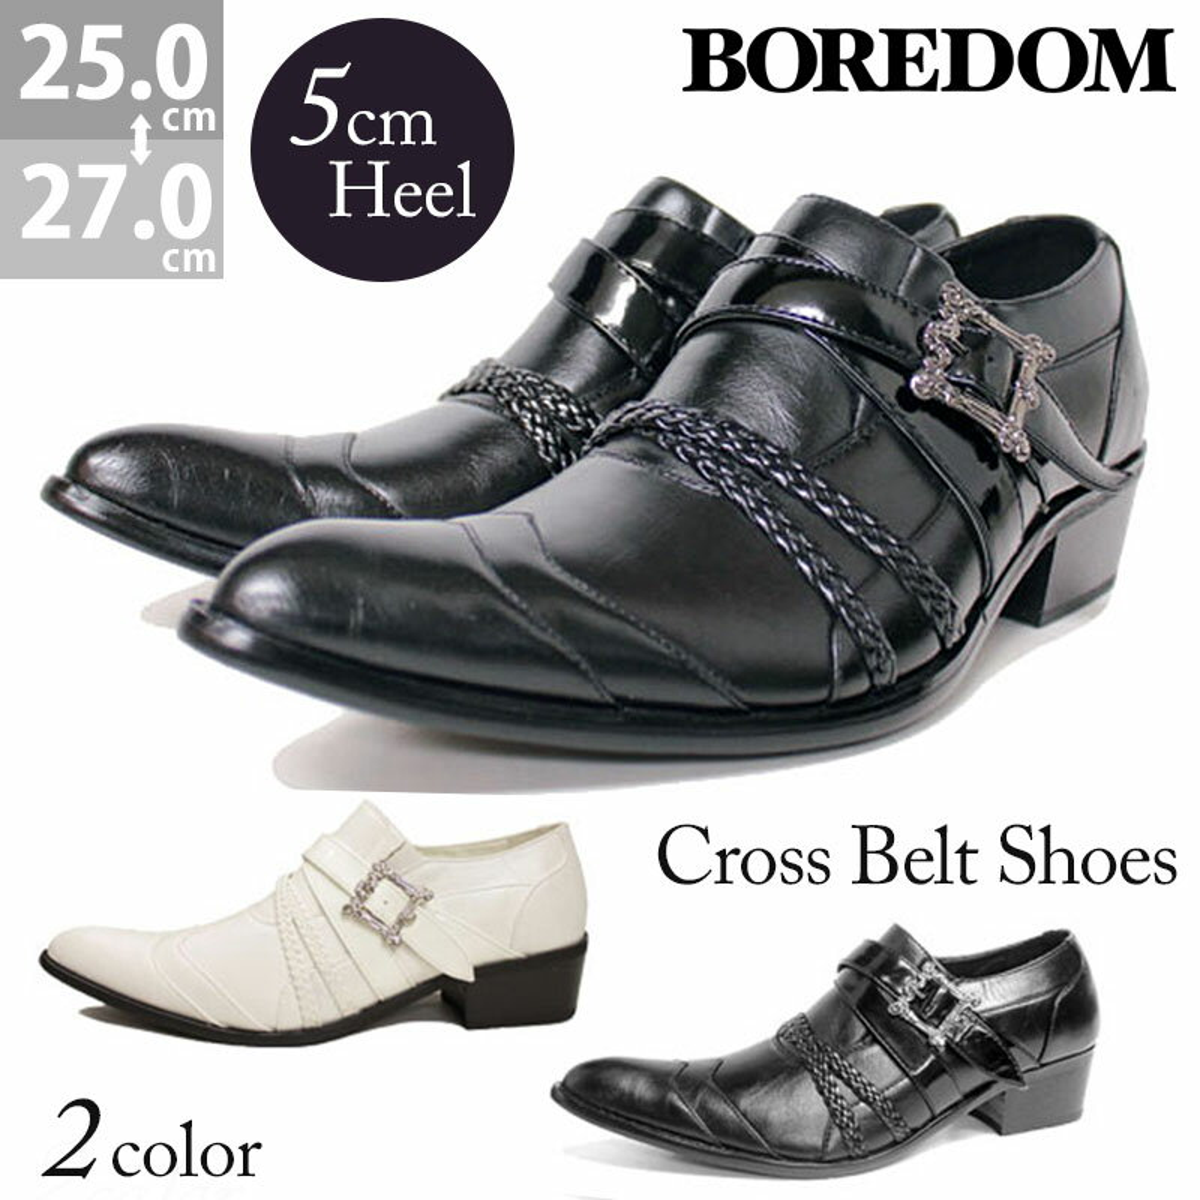 メンズ シューズ【BOREDOM ボアダム】お兄系クロスベルトシューズ3253 メンズ ポインテッド レザー 短靴 ホワイト ブラック お兄系 メンナク